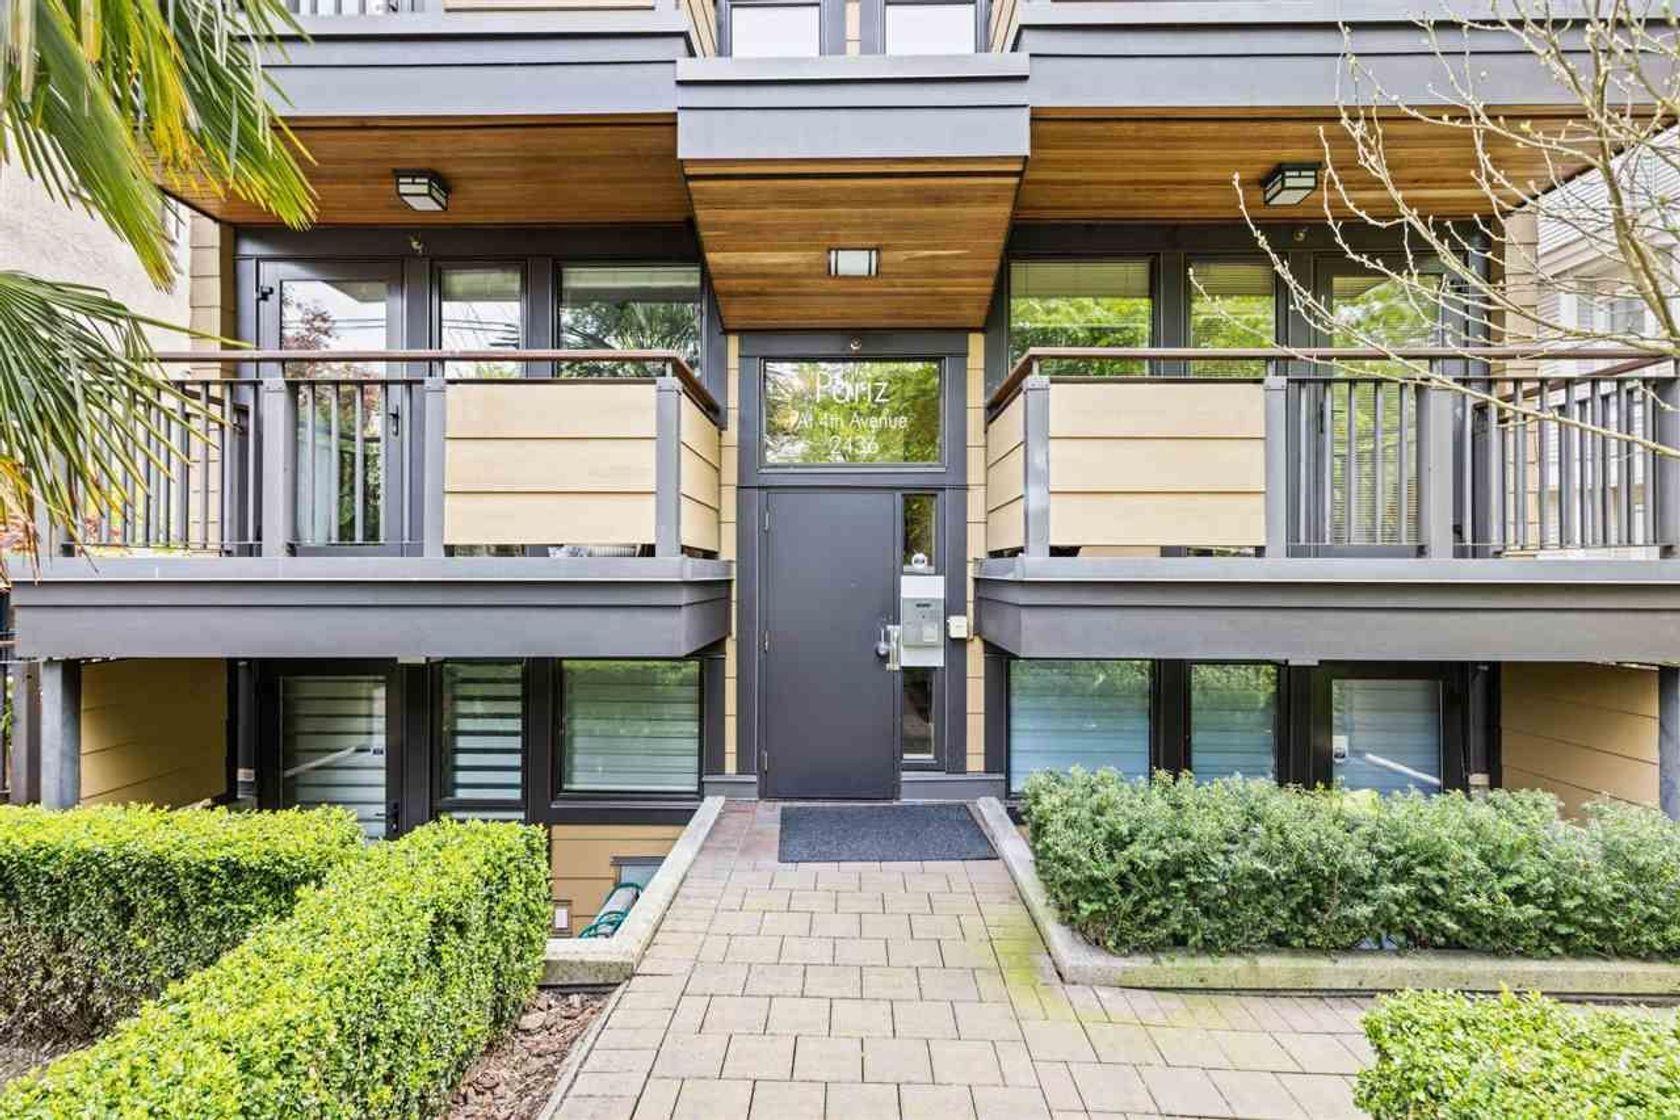 2436-w-4th-avenue-kitsilano-vancouver-west-29 at 301 - 2436 W 4th Avenue, Kitsilano, Vancouver West